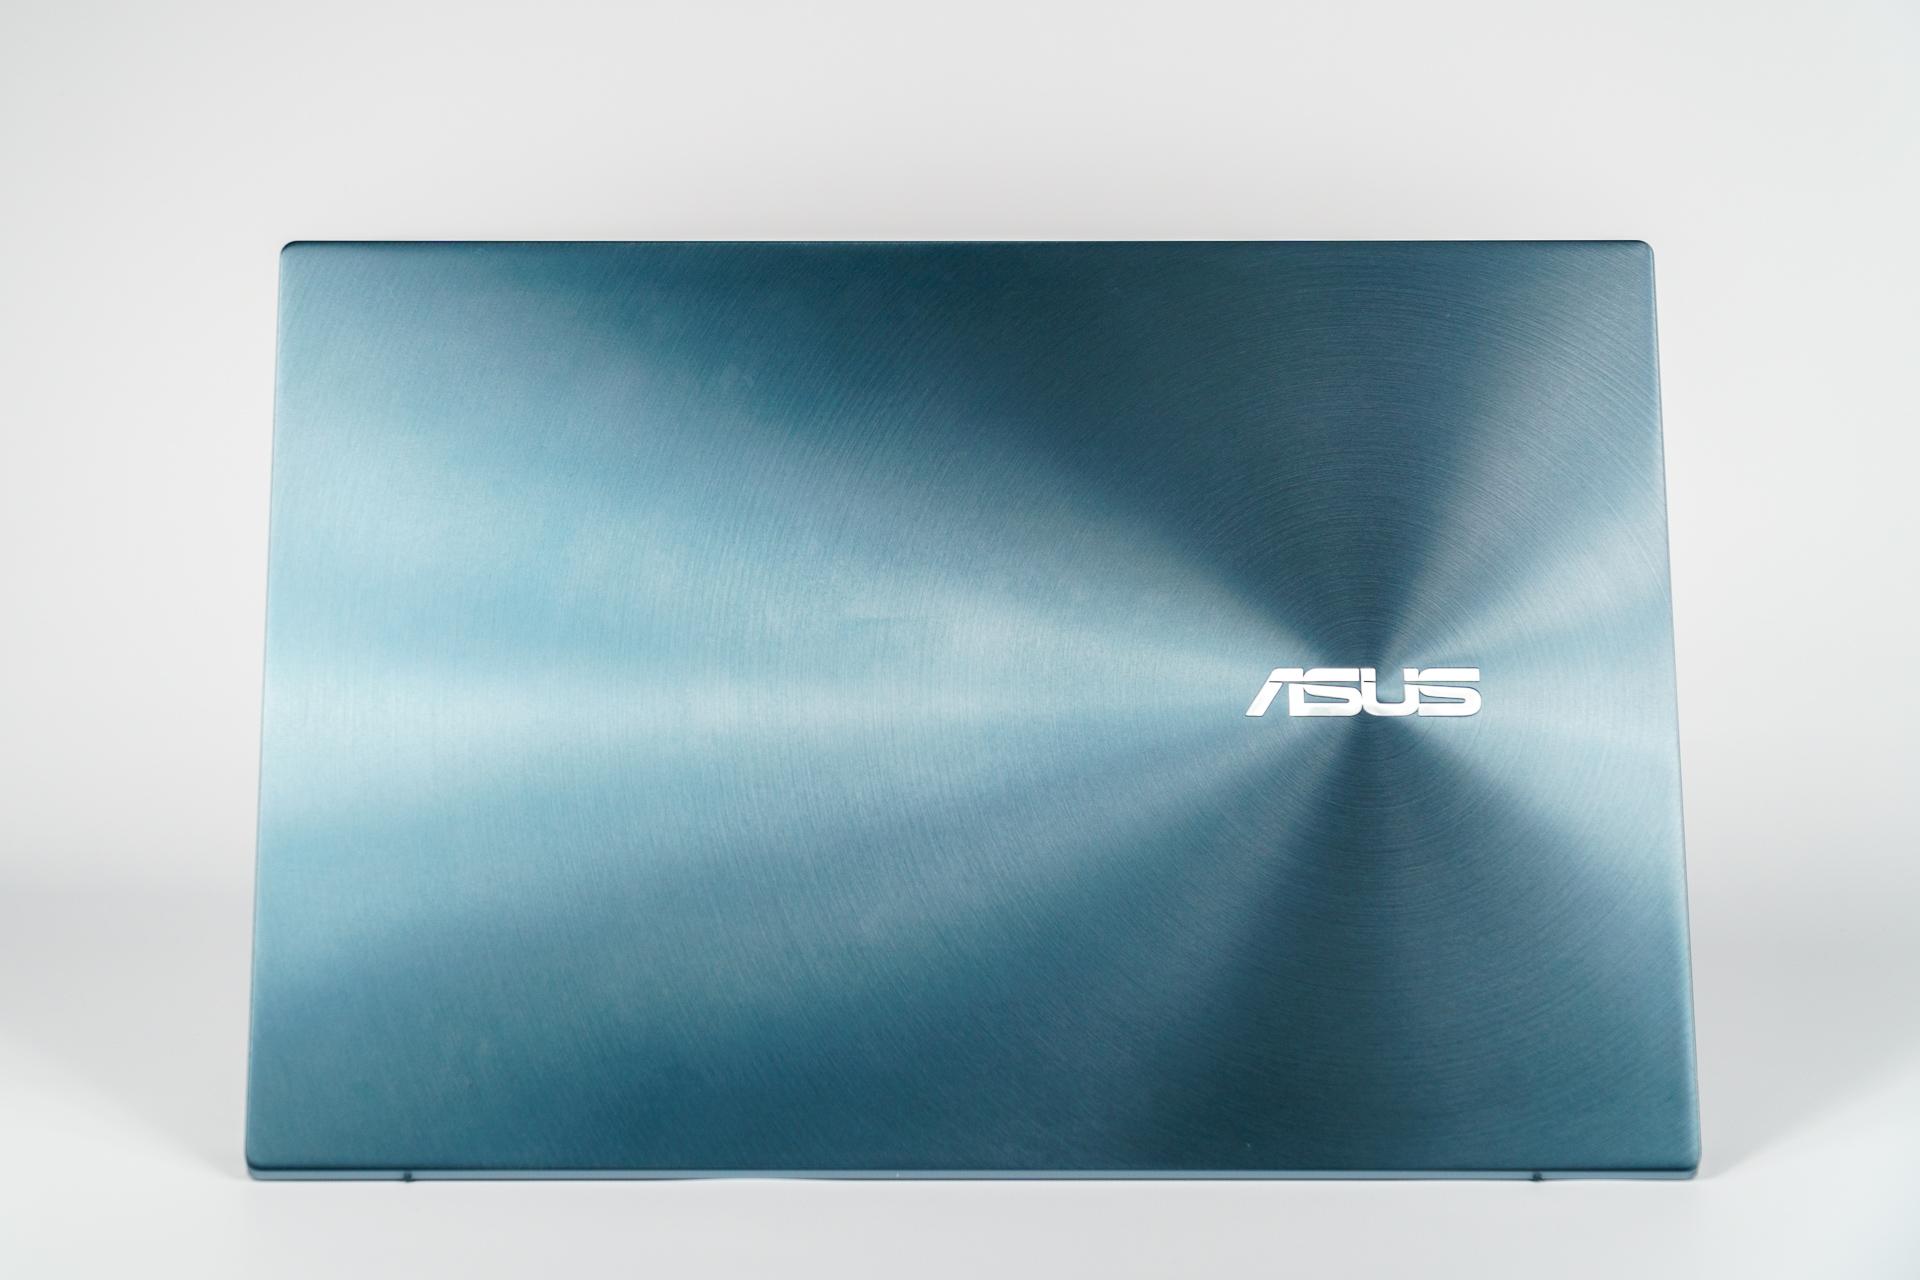 Asus ZenBook Pro Duo - laptop inny niż wszystkie (recenzja) 48